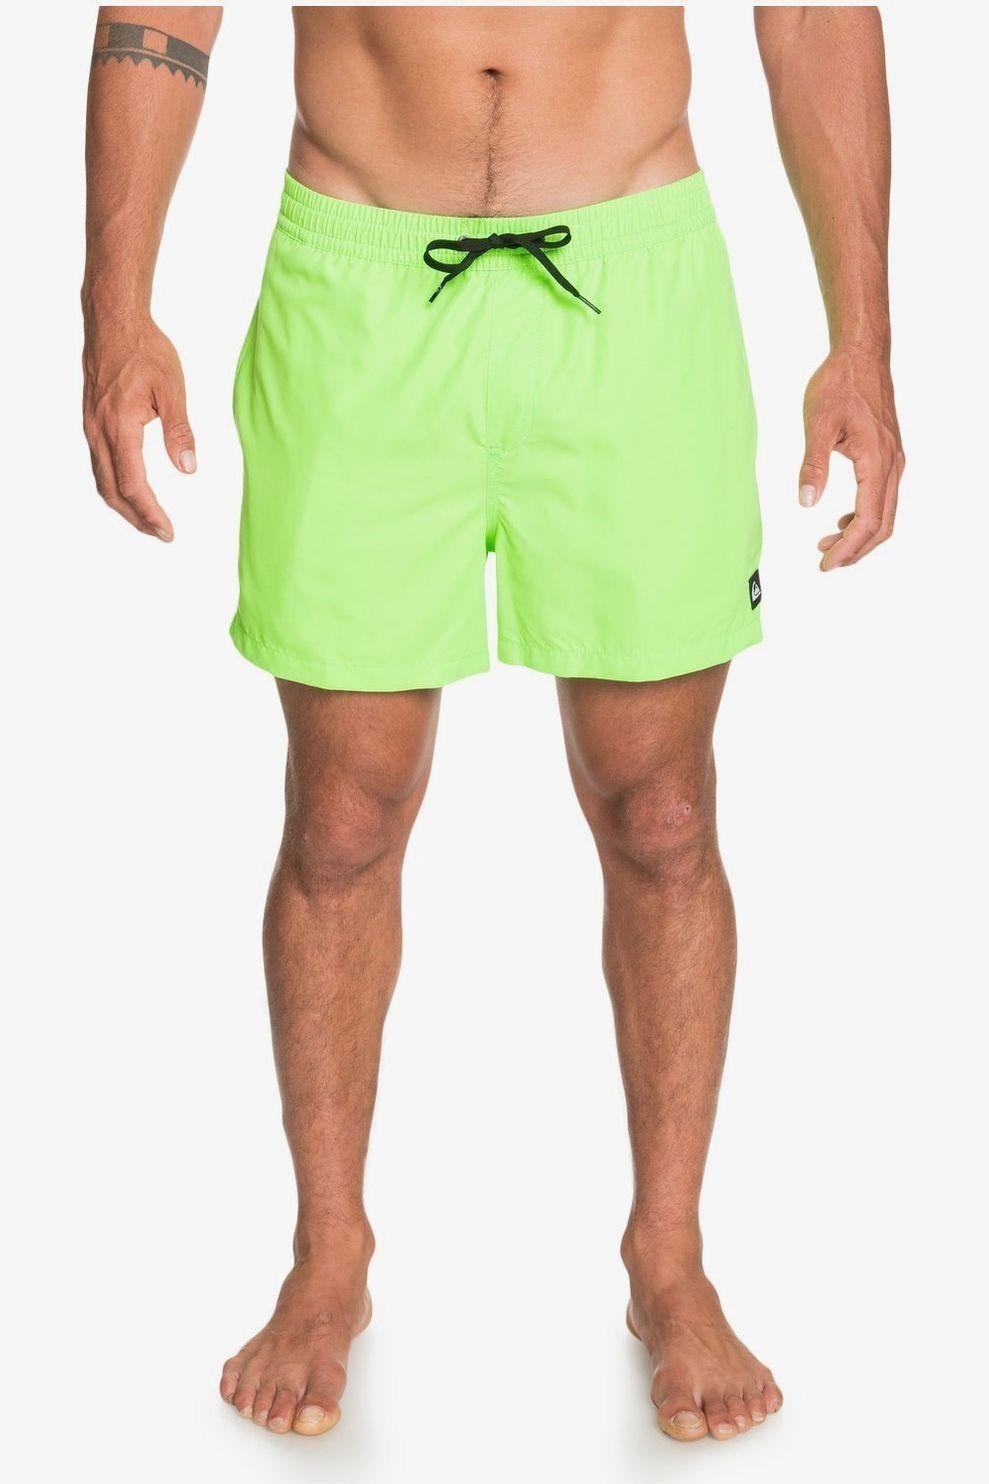 Quiksilver Zwemshort Everyday Volley 15 voor heren - Groen - Maten: S, M, L, XL